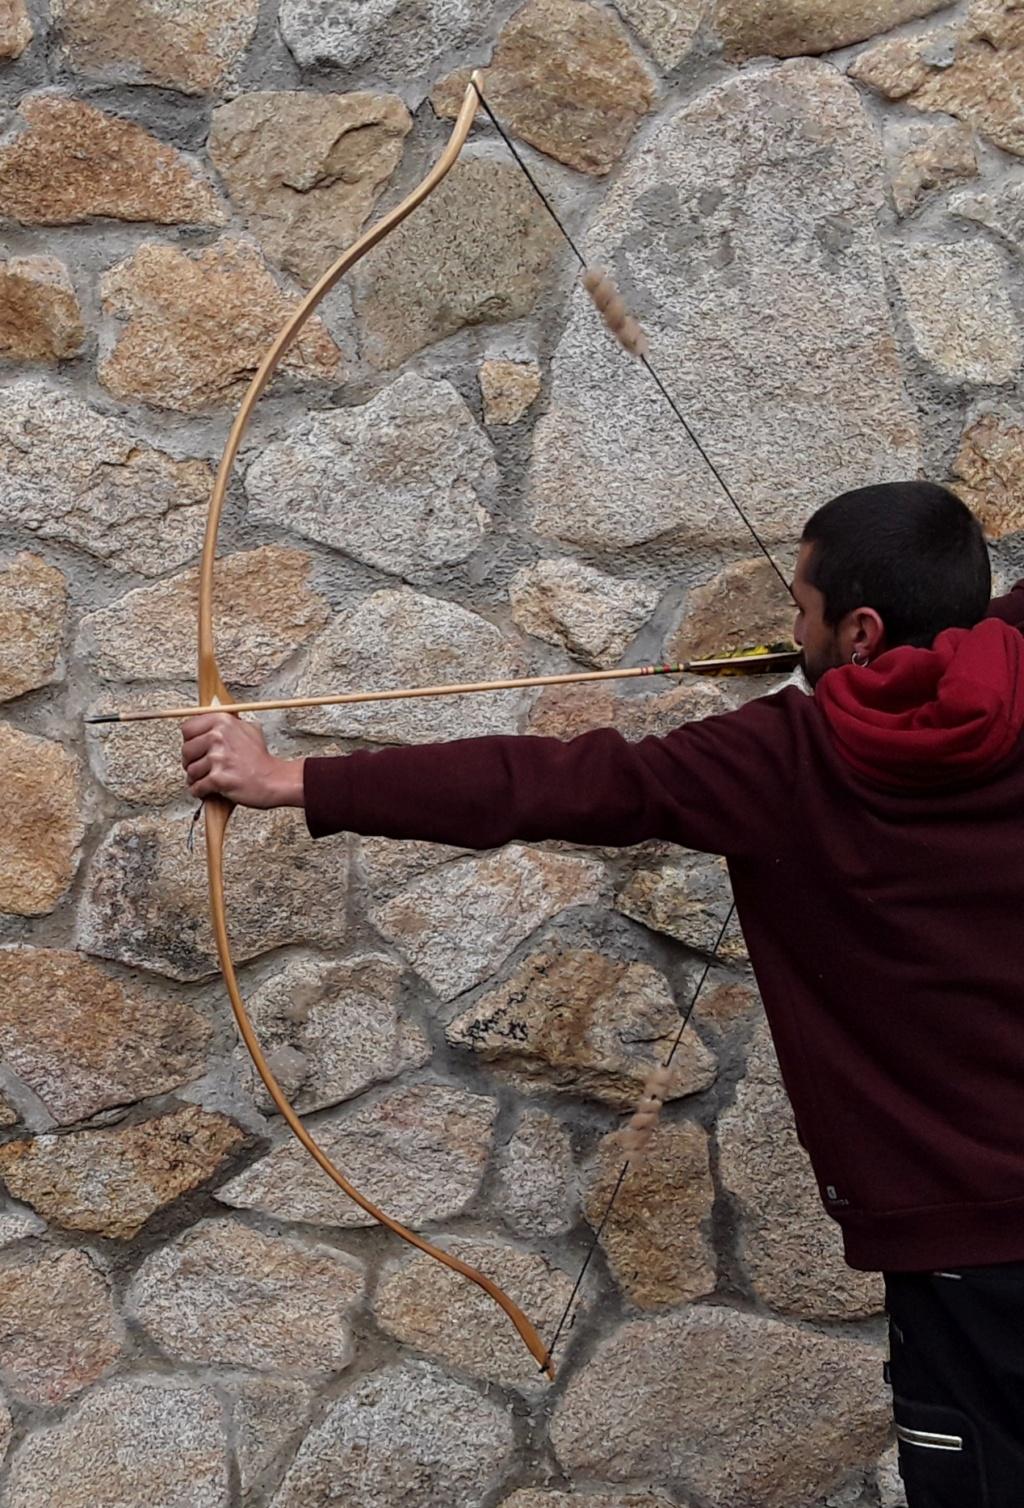 Arco recurvo estatico de robinia 20190319